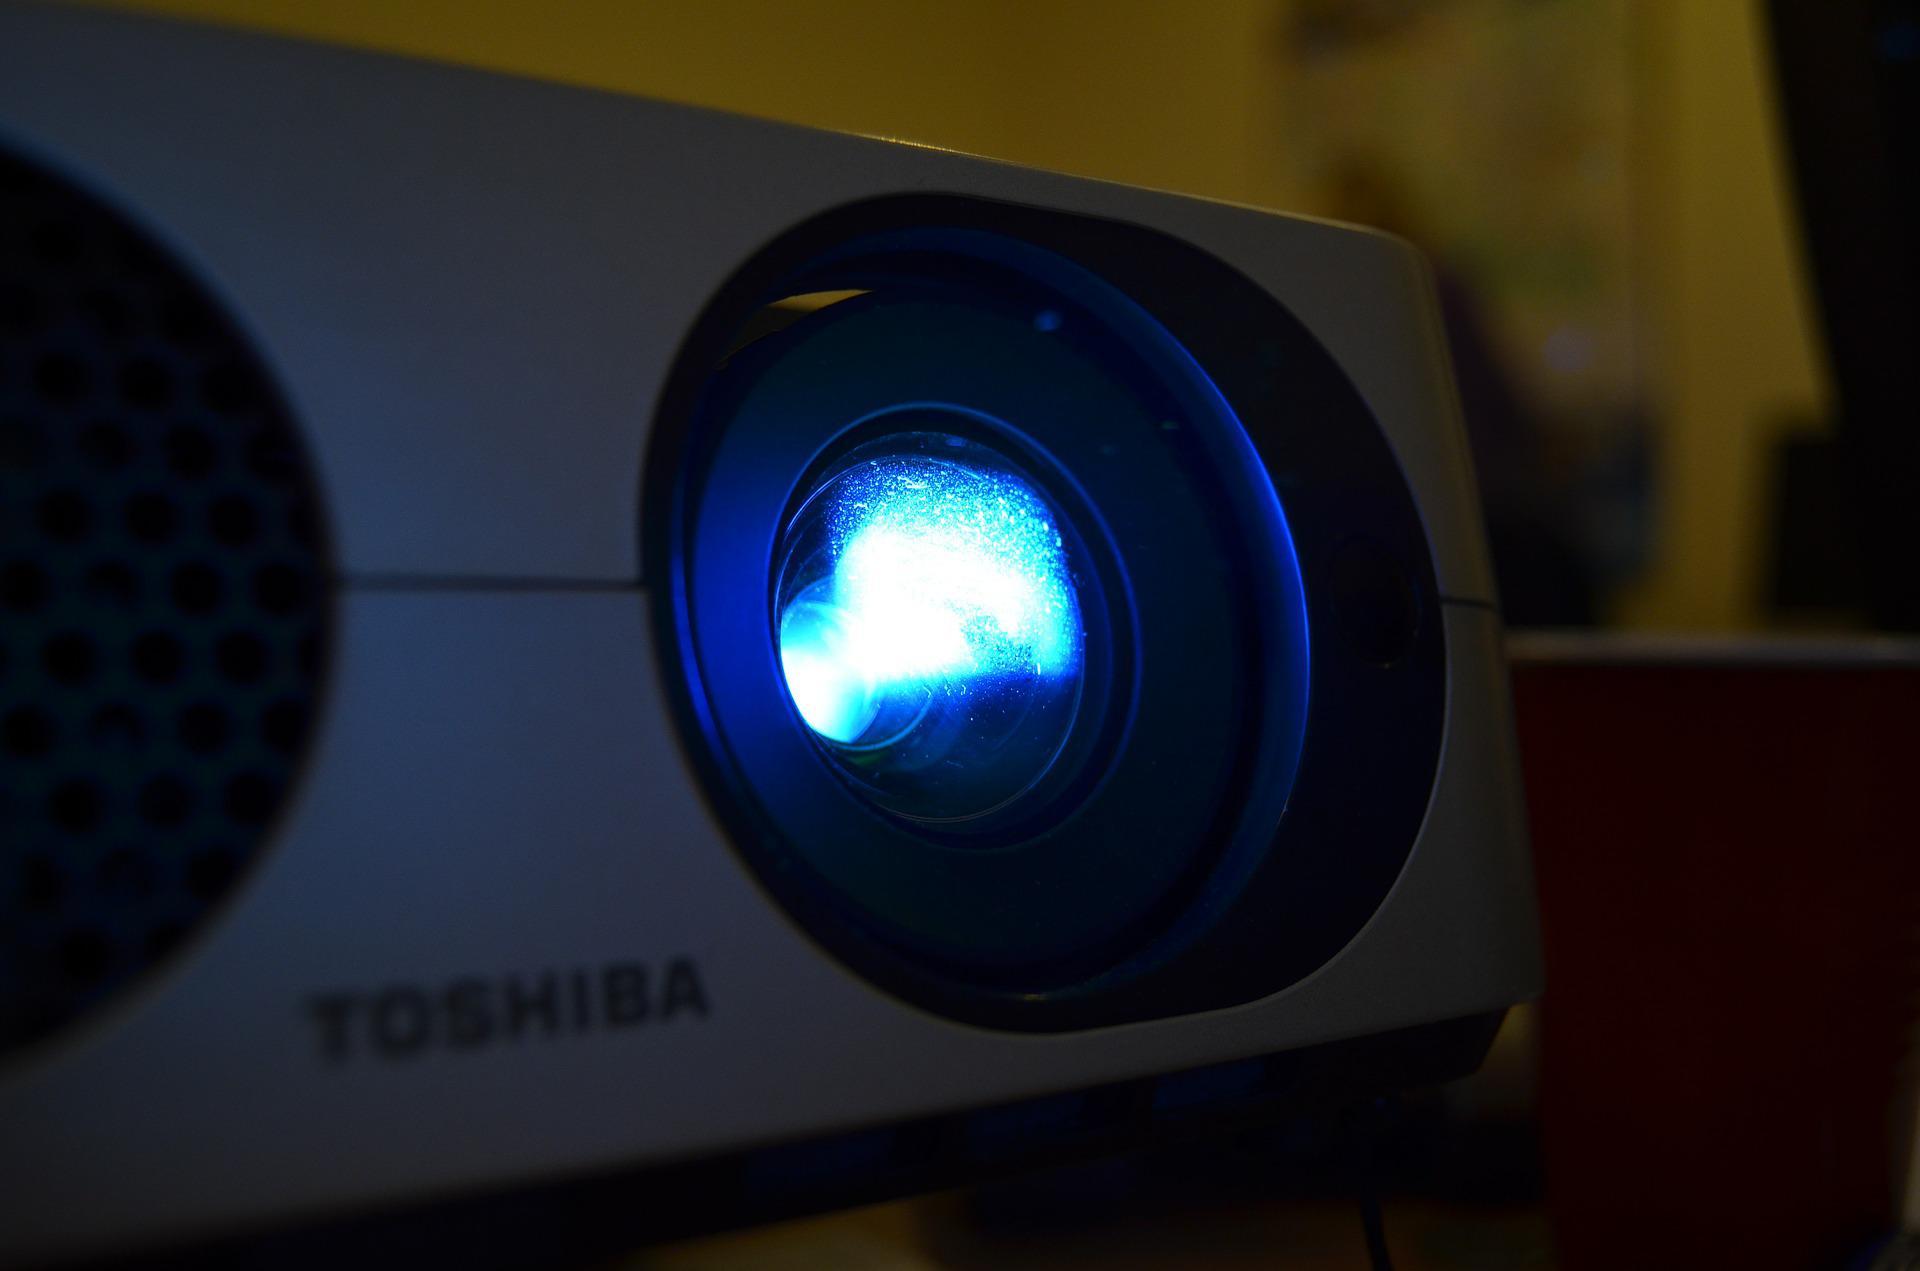 Rzutnik multimedialny w zaciszu domowym: hit czy kit?